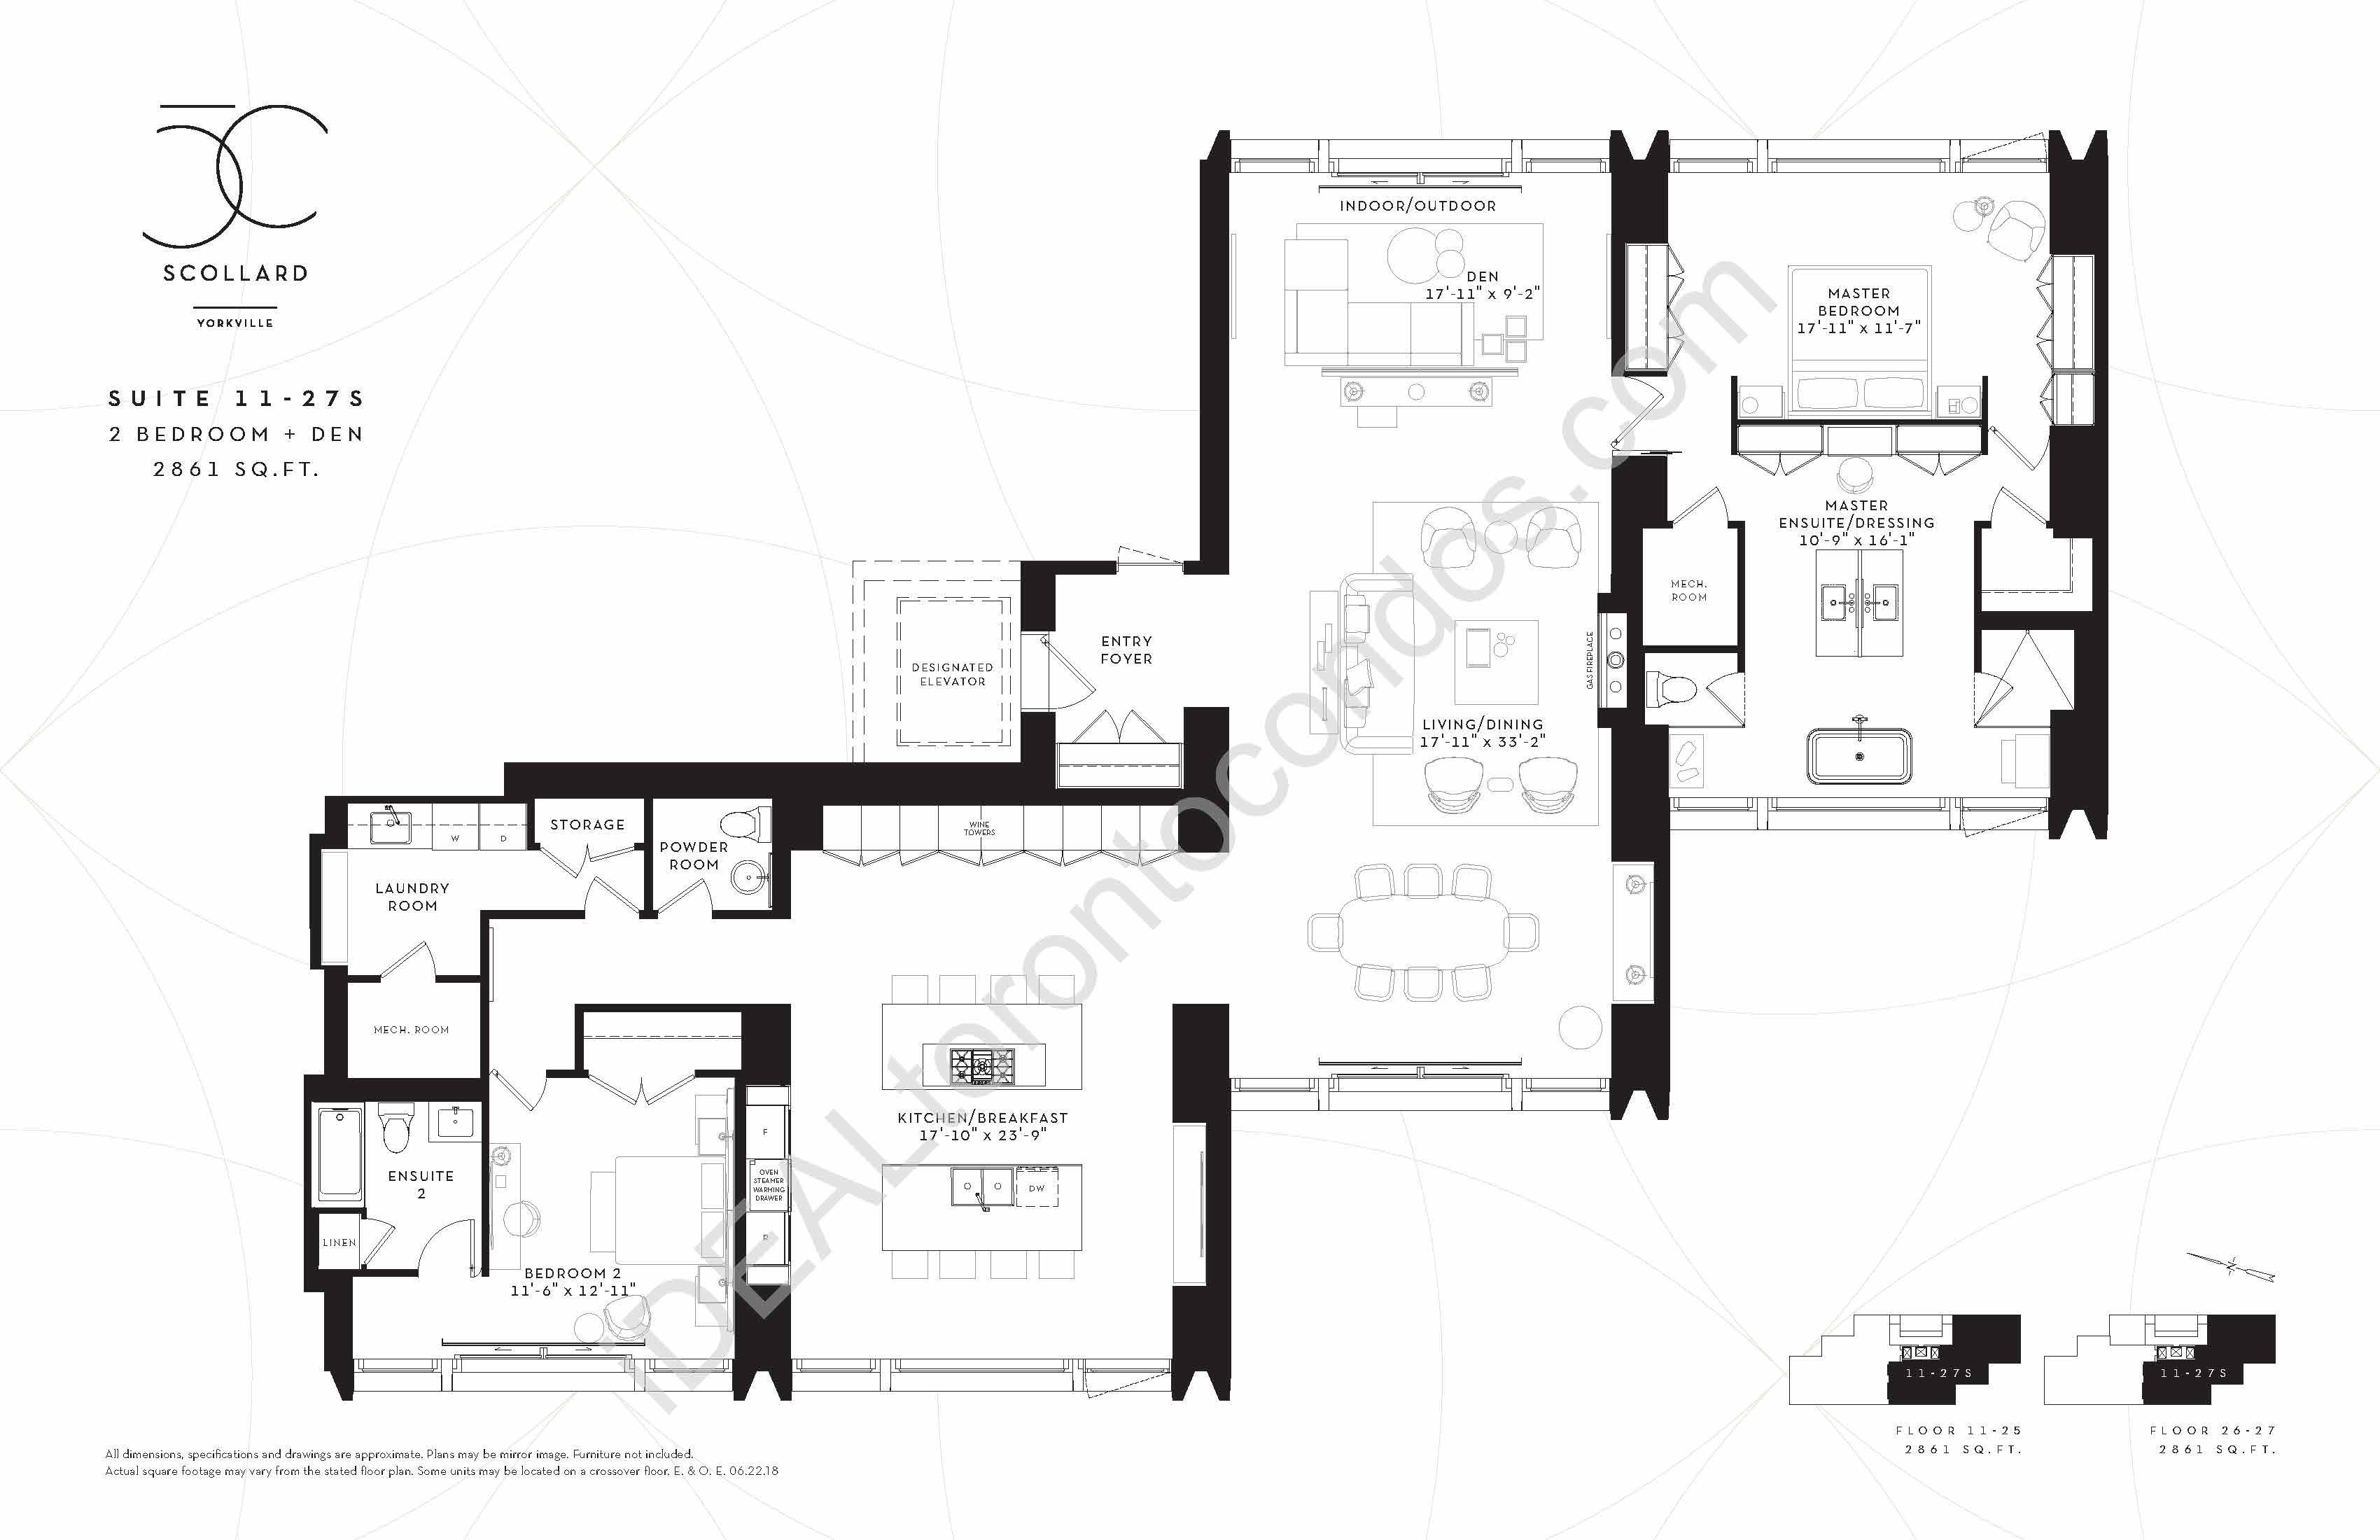 Suite 11-27 S | 2 Bedroom + den